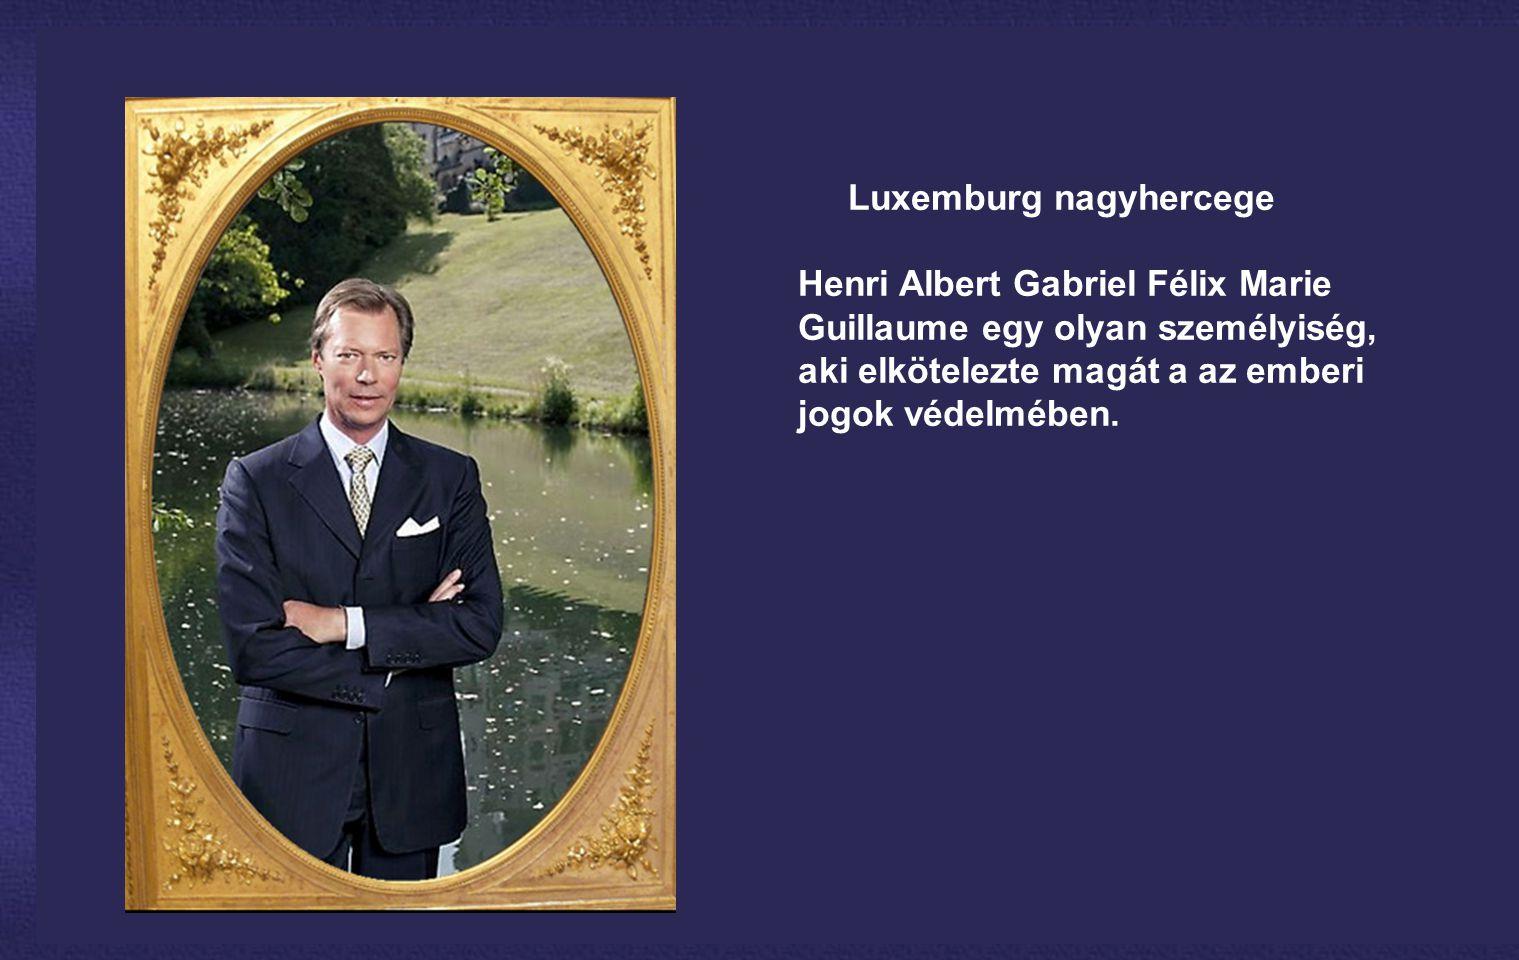 A Luxemburgi Nagyhercegség monarchia, ahol Henri nagyherceg és a kabinet nagy hatáskörökkel rendelkezik...